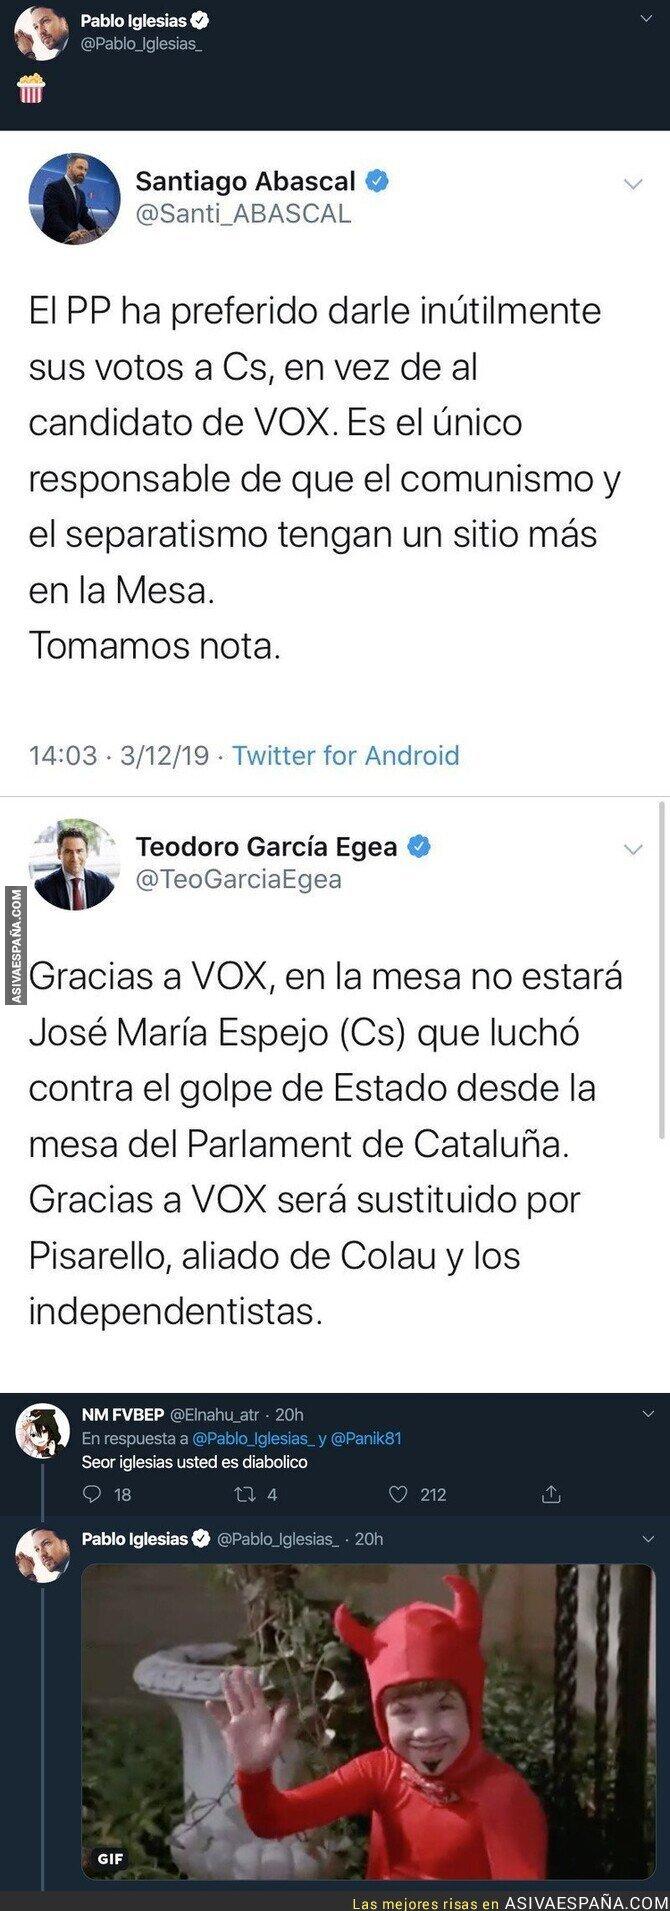 128888 - Pablo Iglesias se cachondea de VOX y PP en el primer día del Congreso tras pelearse de esta forma infantil